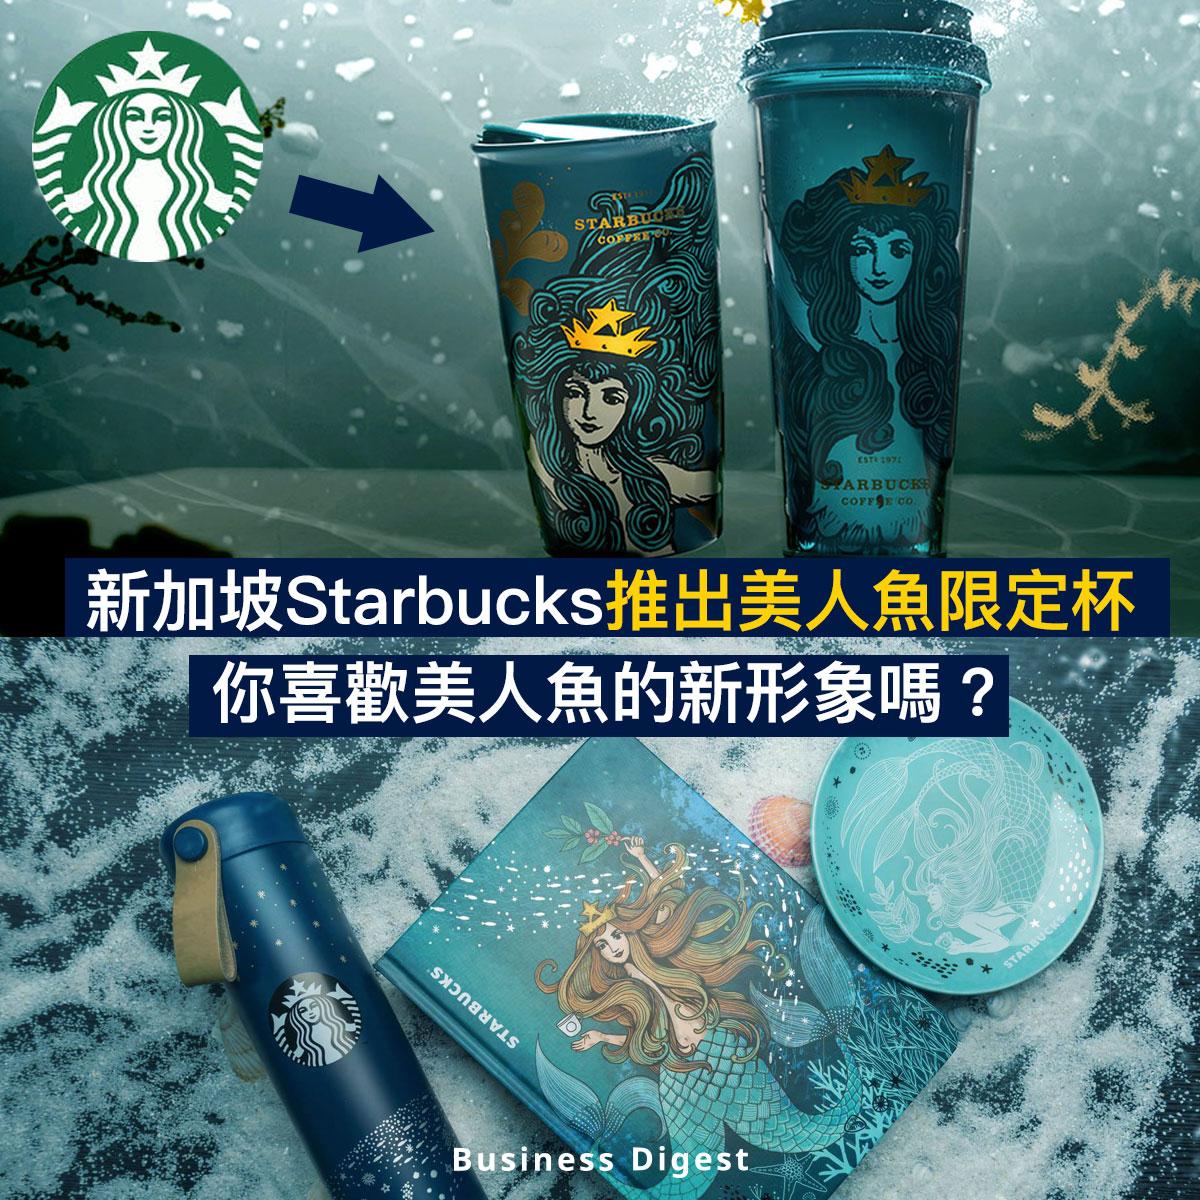 【商業熱話】新加坡Starbucks推出美人魚限定杯 你喜歡美人魚的新形象嗎?